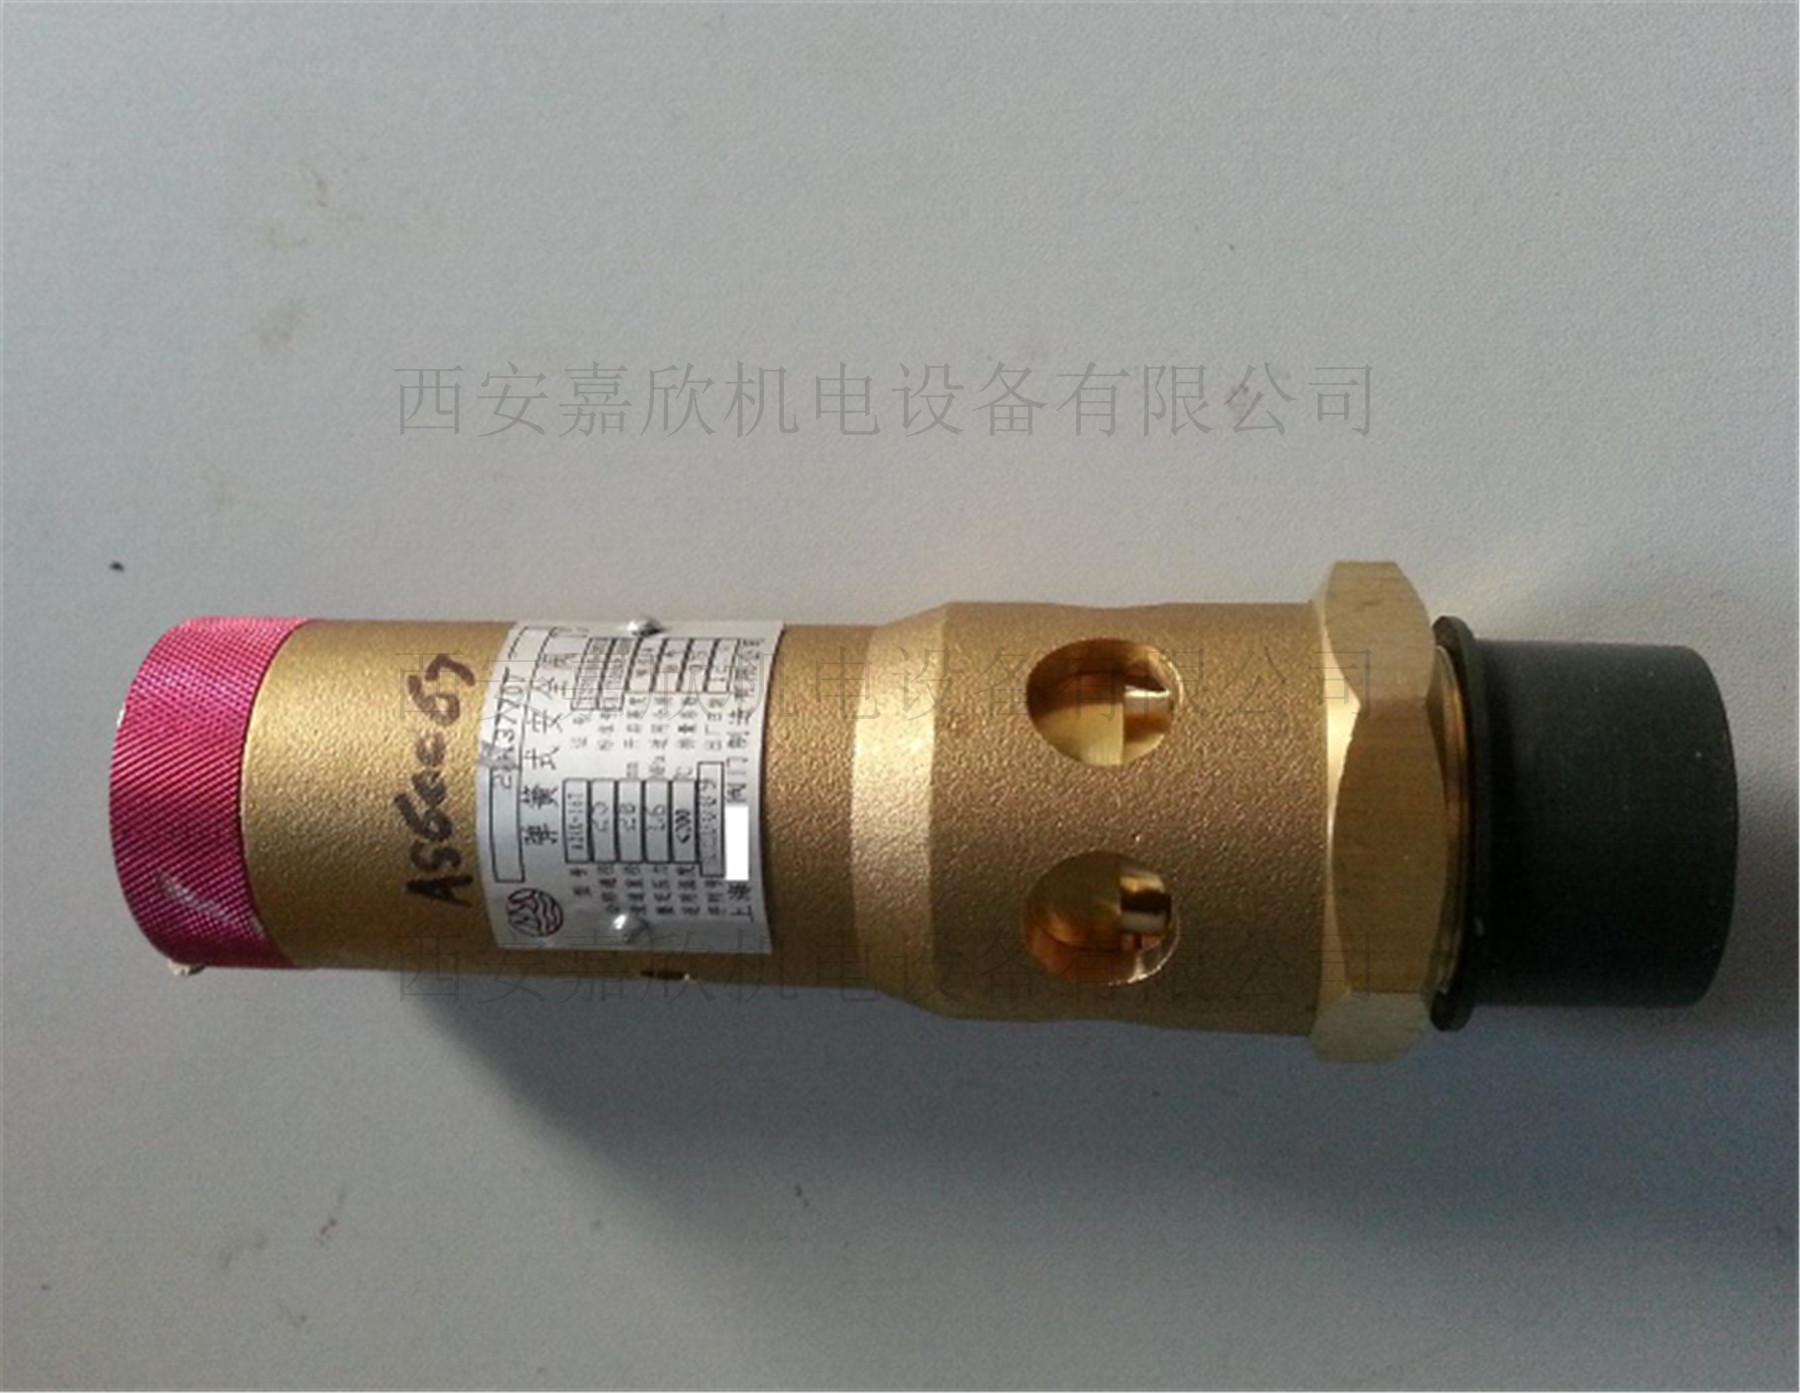 22137707 ingersoll valva de aer comprimat, compresor cu supapă de siguranță a prețurilor